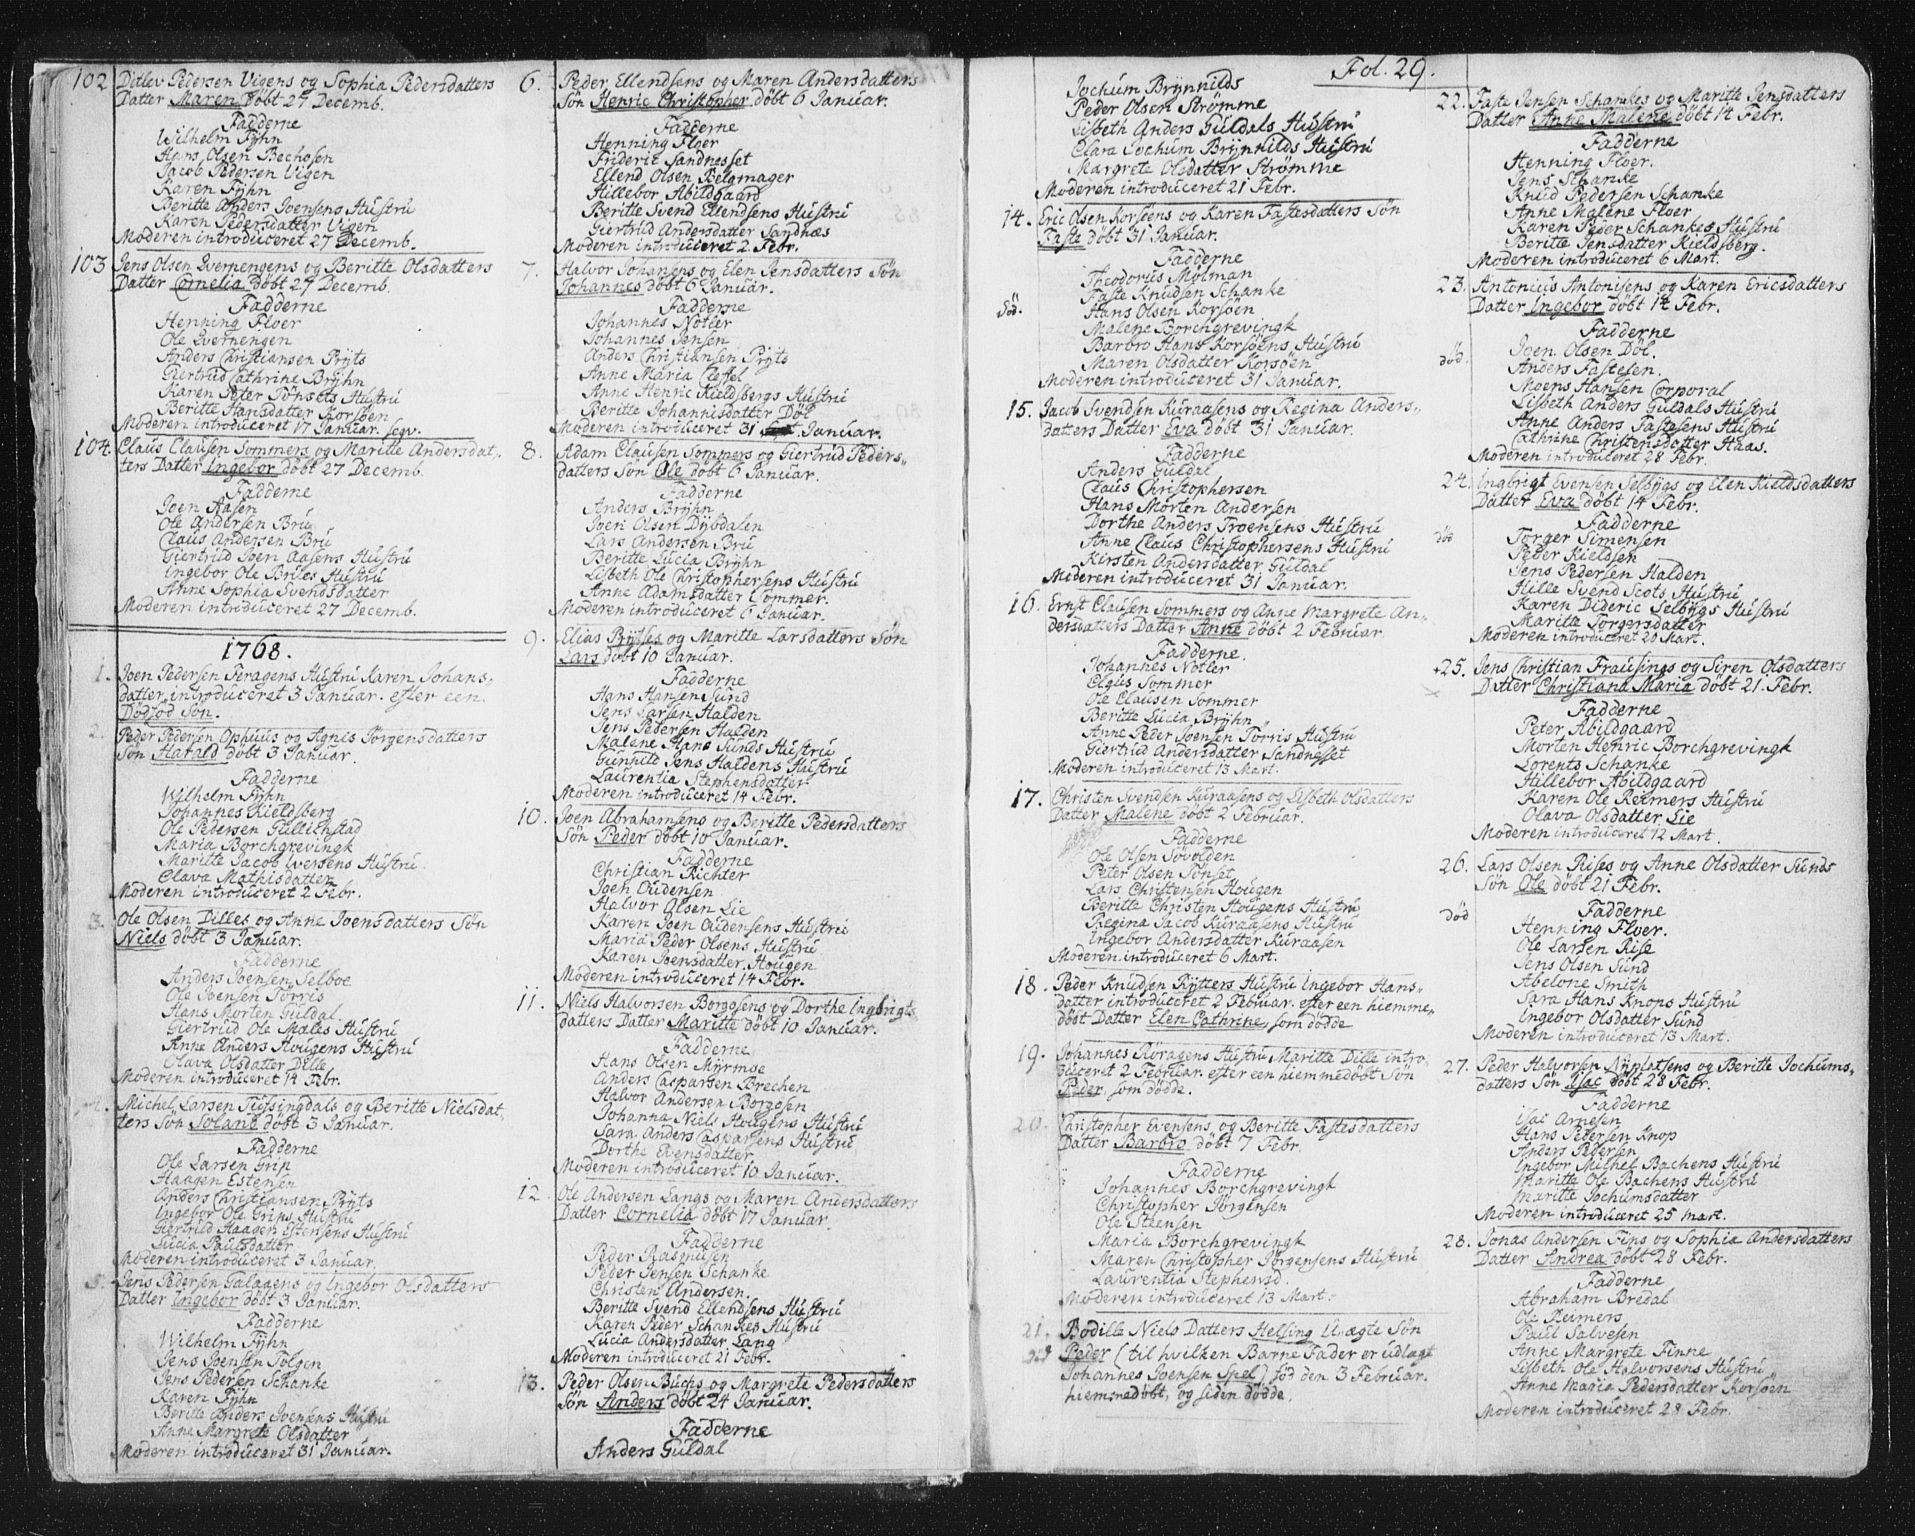 SAT, Ministerialprotokoller, klokkerbøker og fødselsregistre - Sør-Trøndelag, 681/L0926: Ministerialbok nr. 681A04, 1767-1797, s. 29